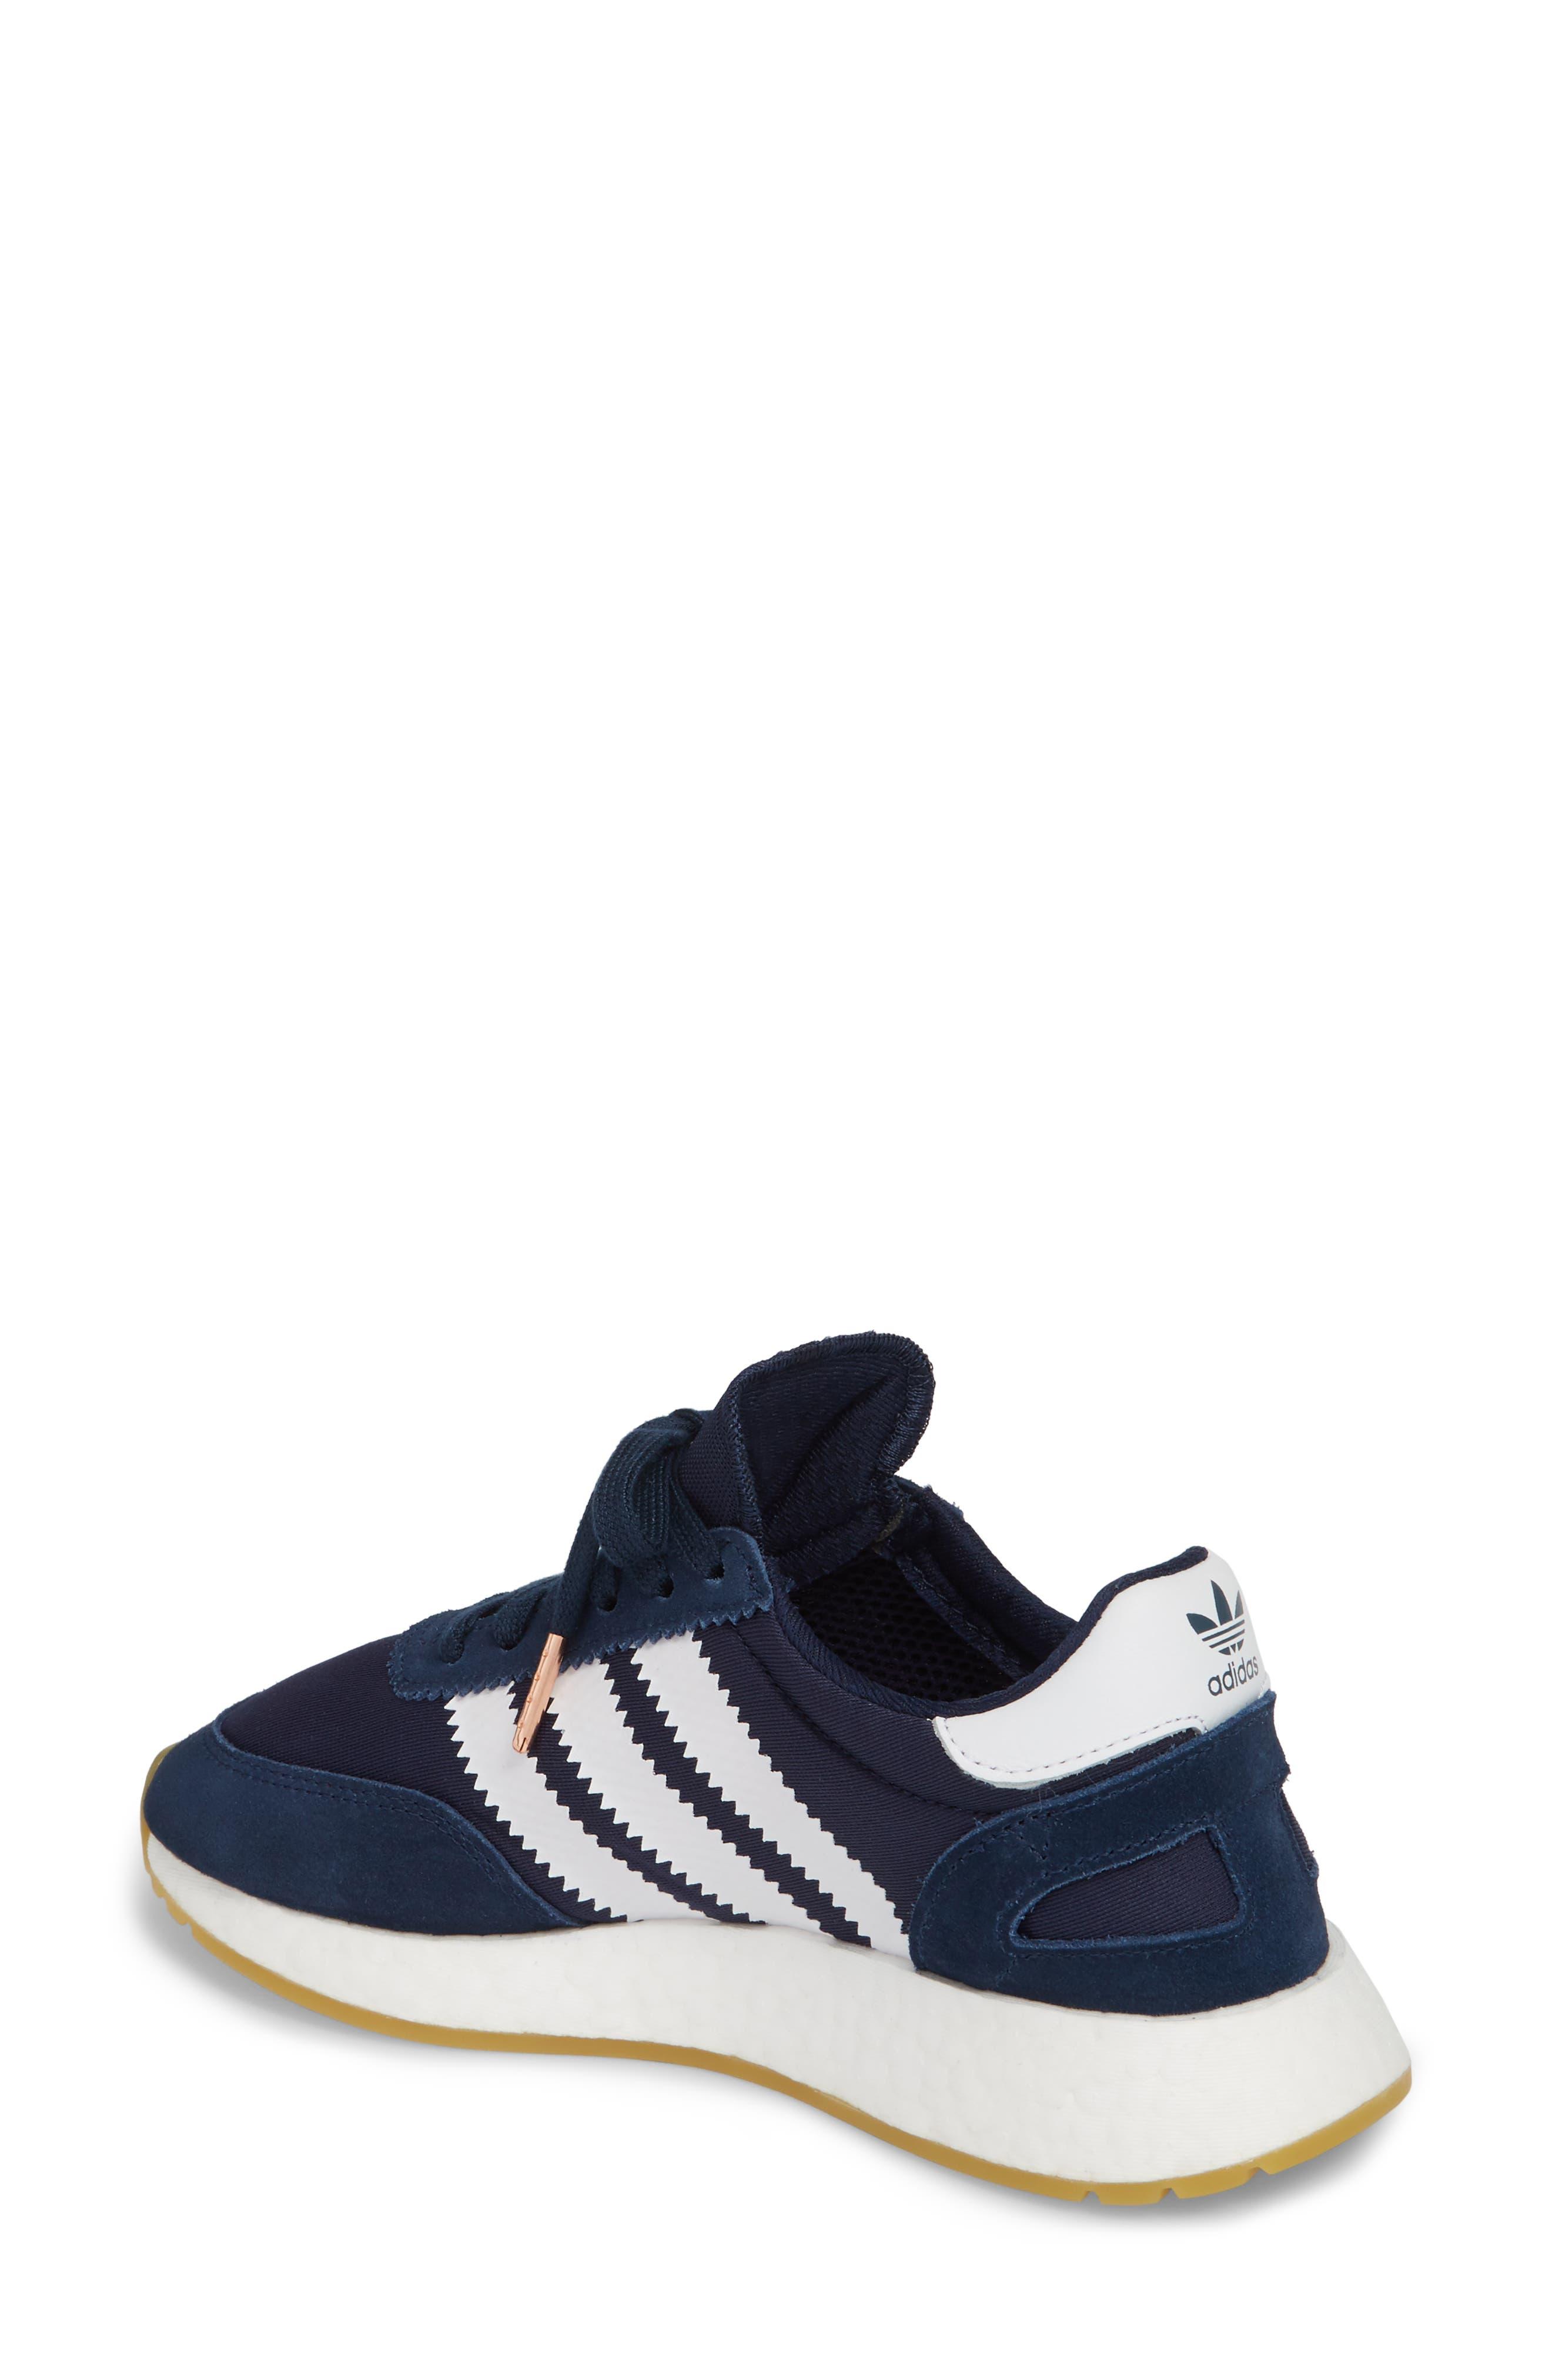 I-5923 Sneaker,                             Alternate thumbnail 2, color,                             Navy/ White/ Gum